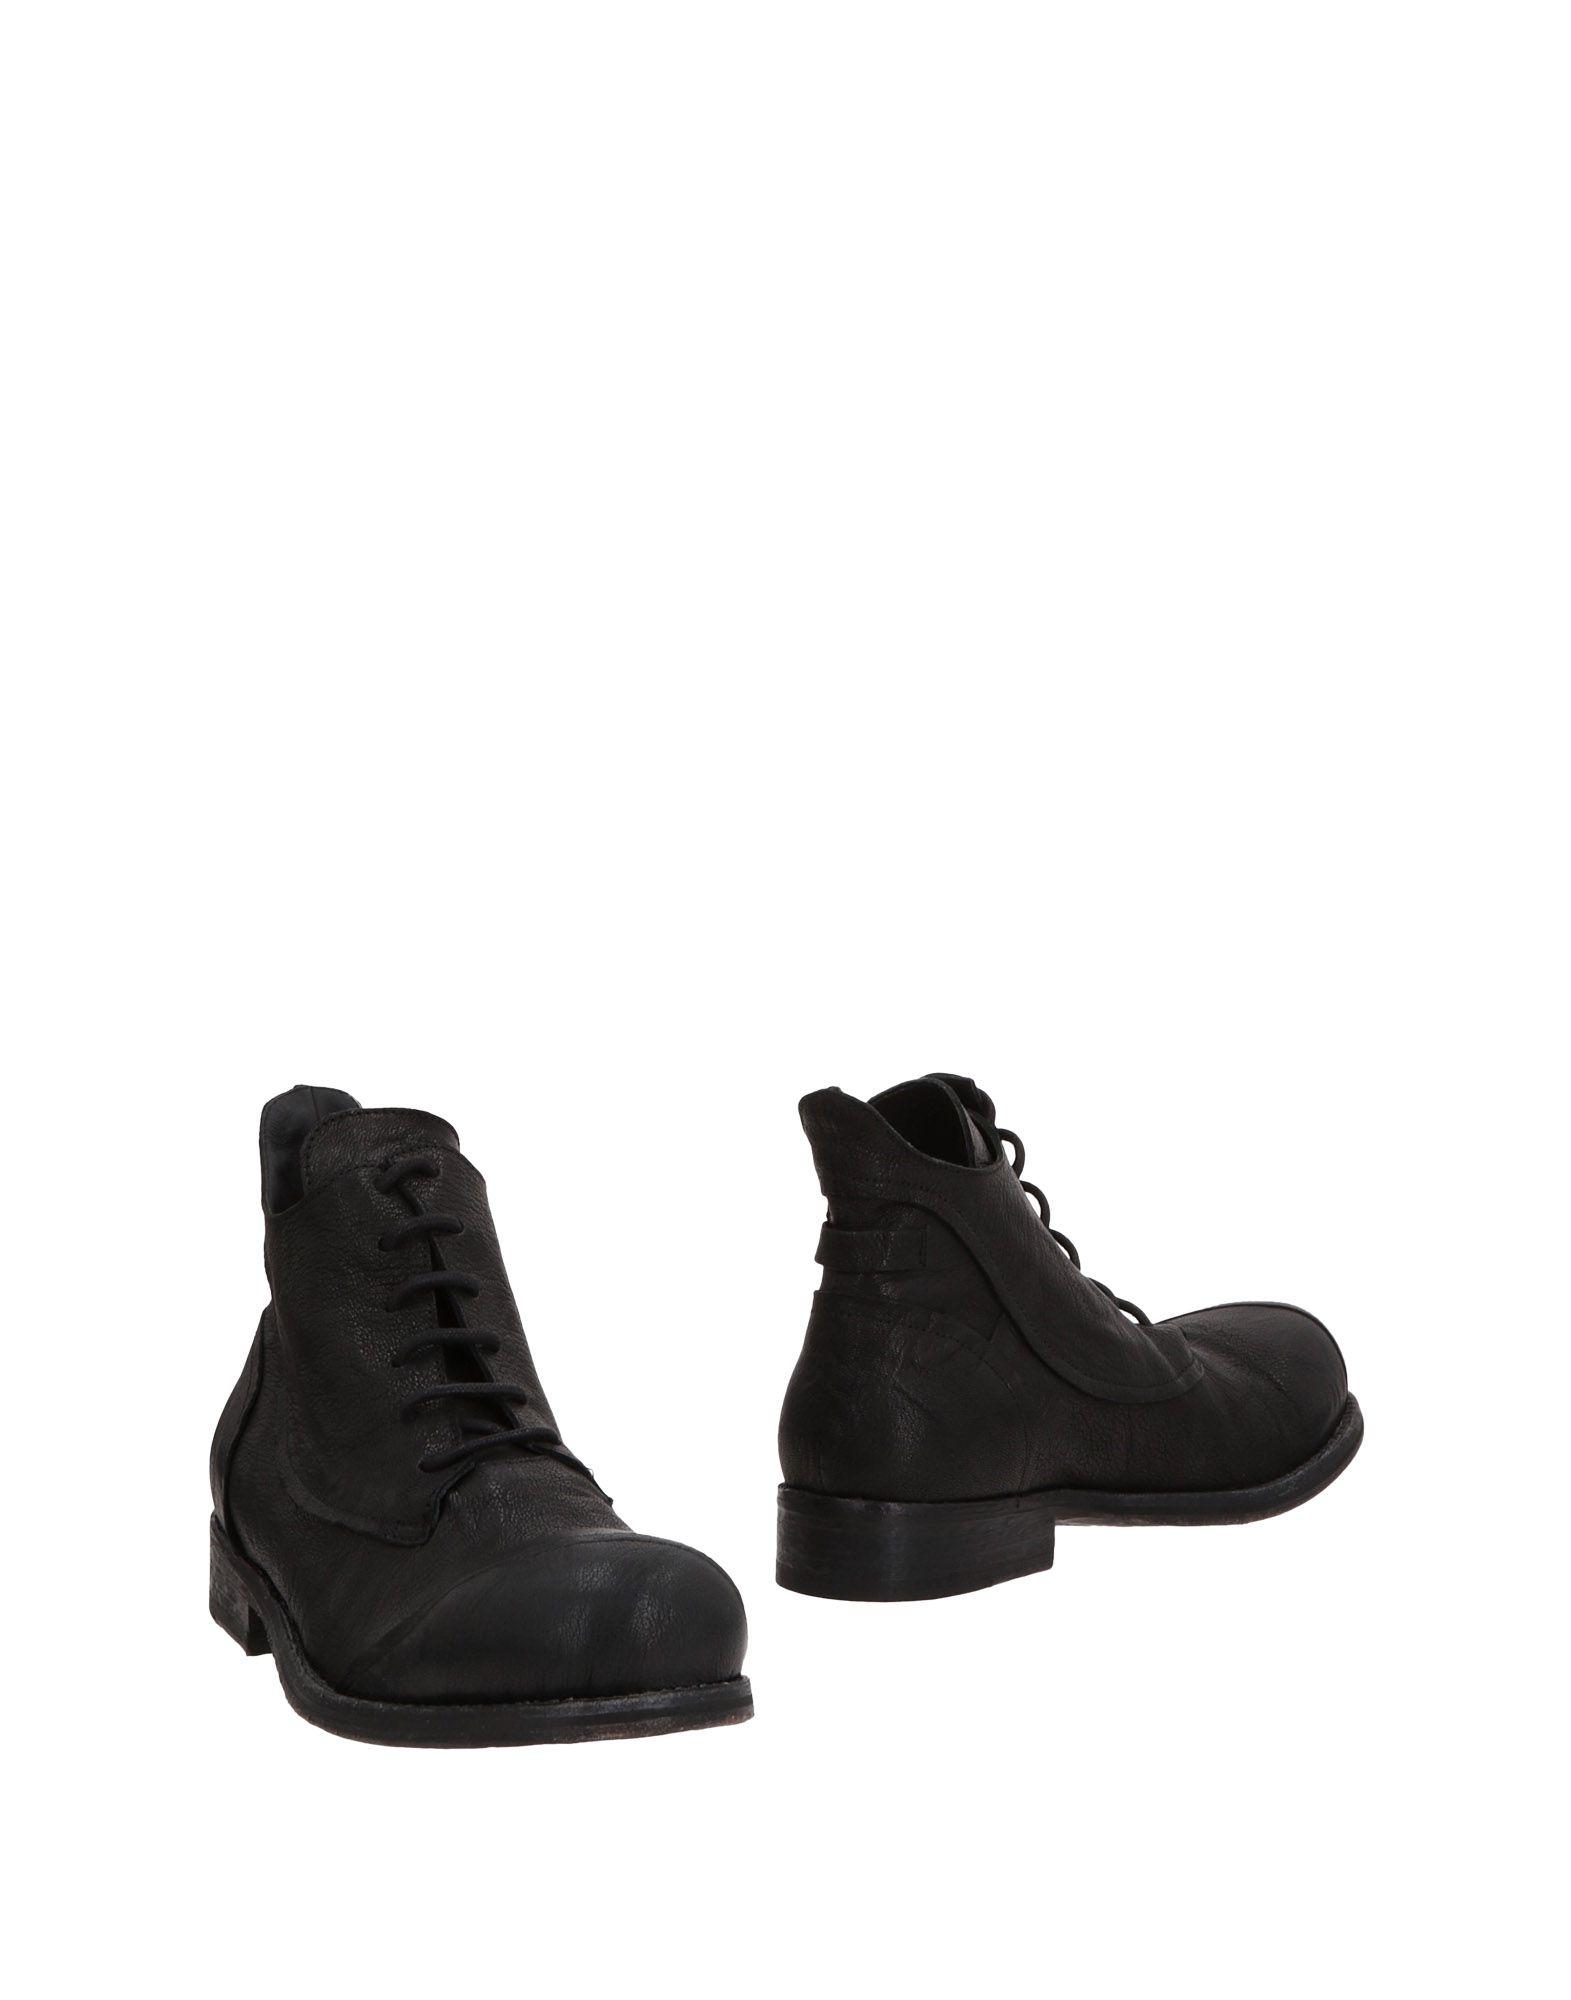 Nabis Stiefelette Herren  11476223OJ Gute Qualität beliebte Schuhe